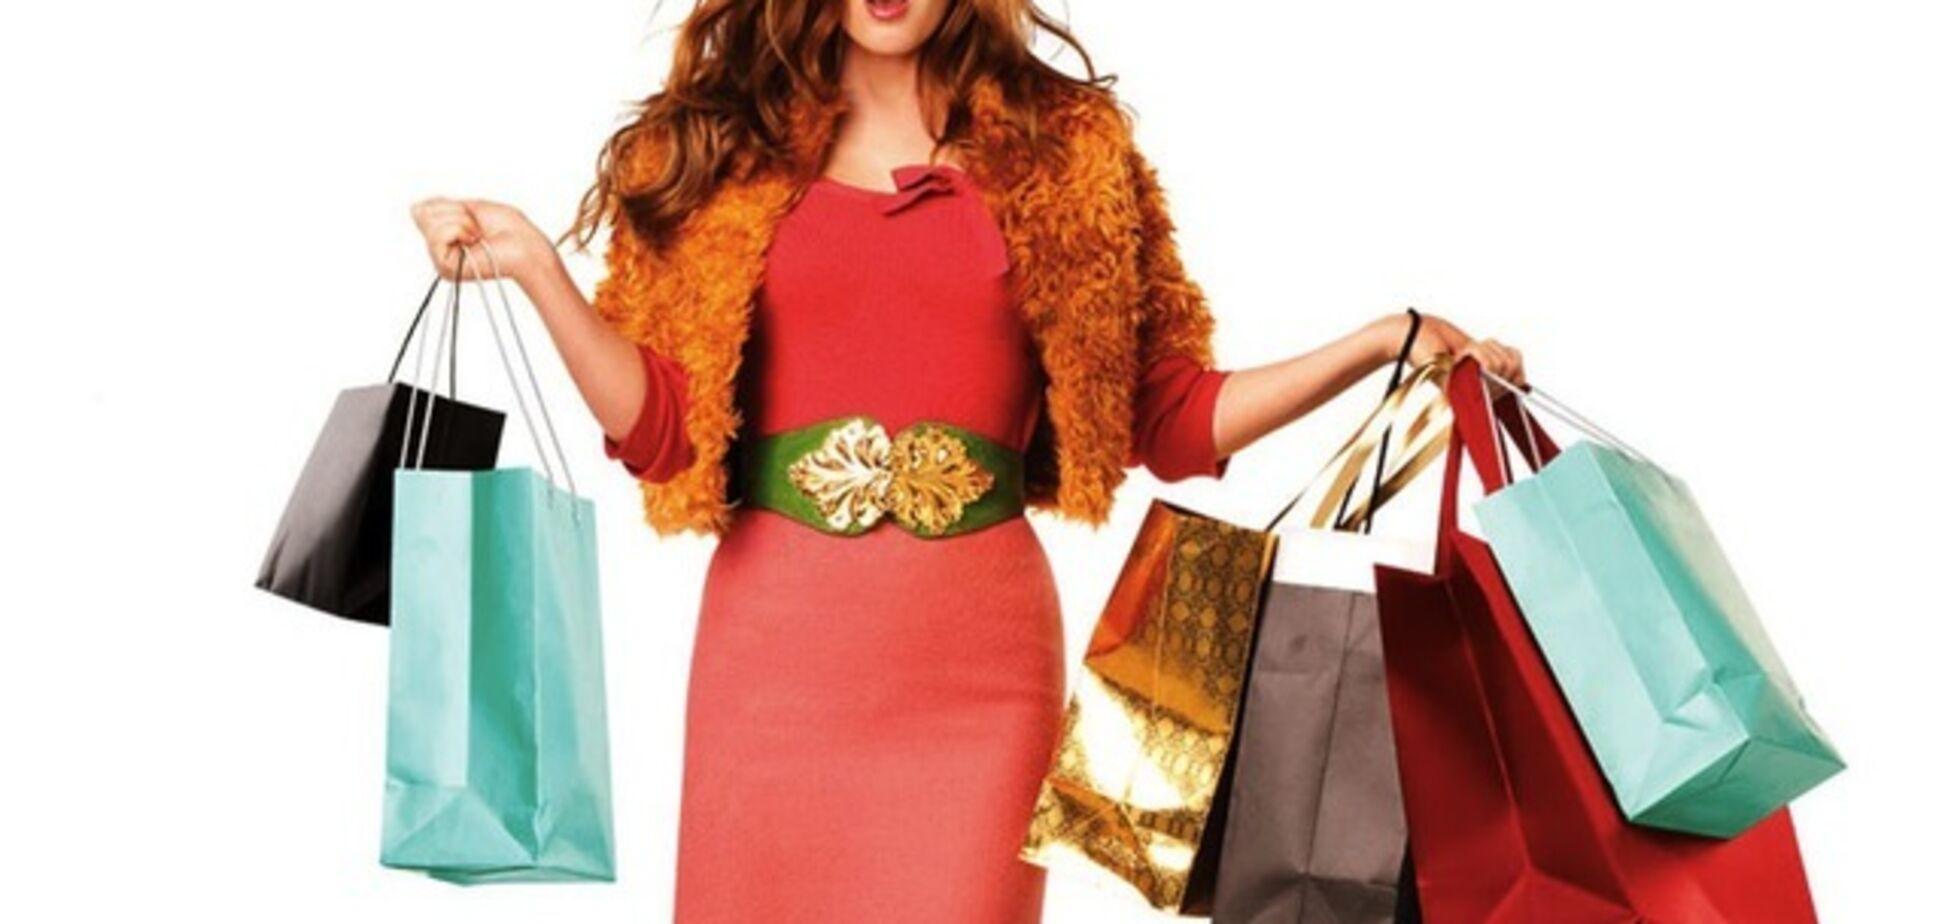 Как сэкономить на шопинге?